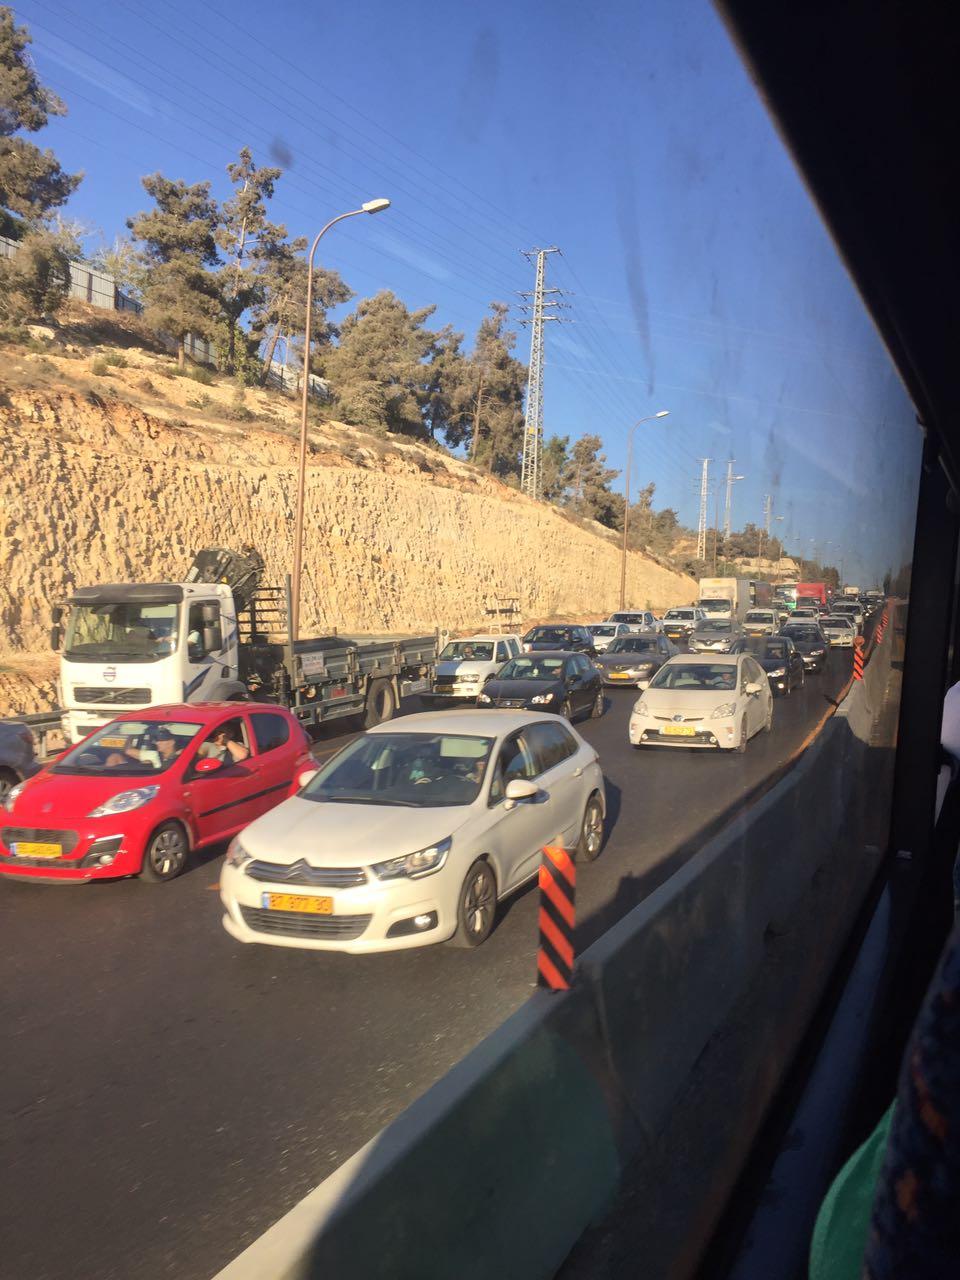 Les embouteillages font partie du quotidien sur les routes israéliennes, comme ici sur la route de Jérusalem à Tel-Aviv (photo : merci à Lissy Kaufmann ).